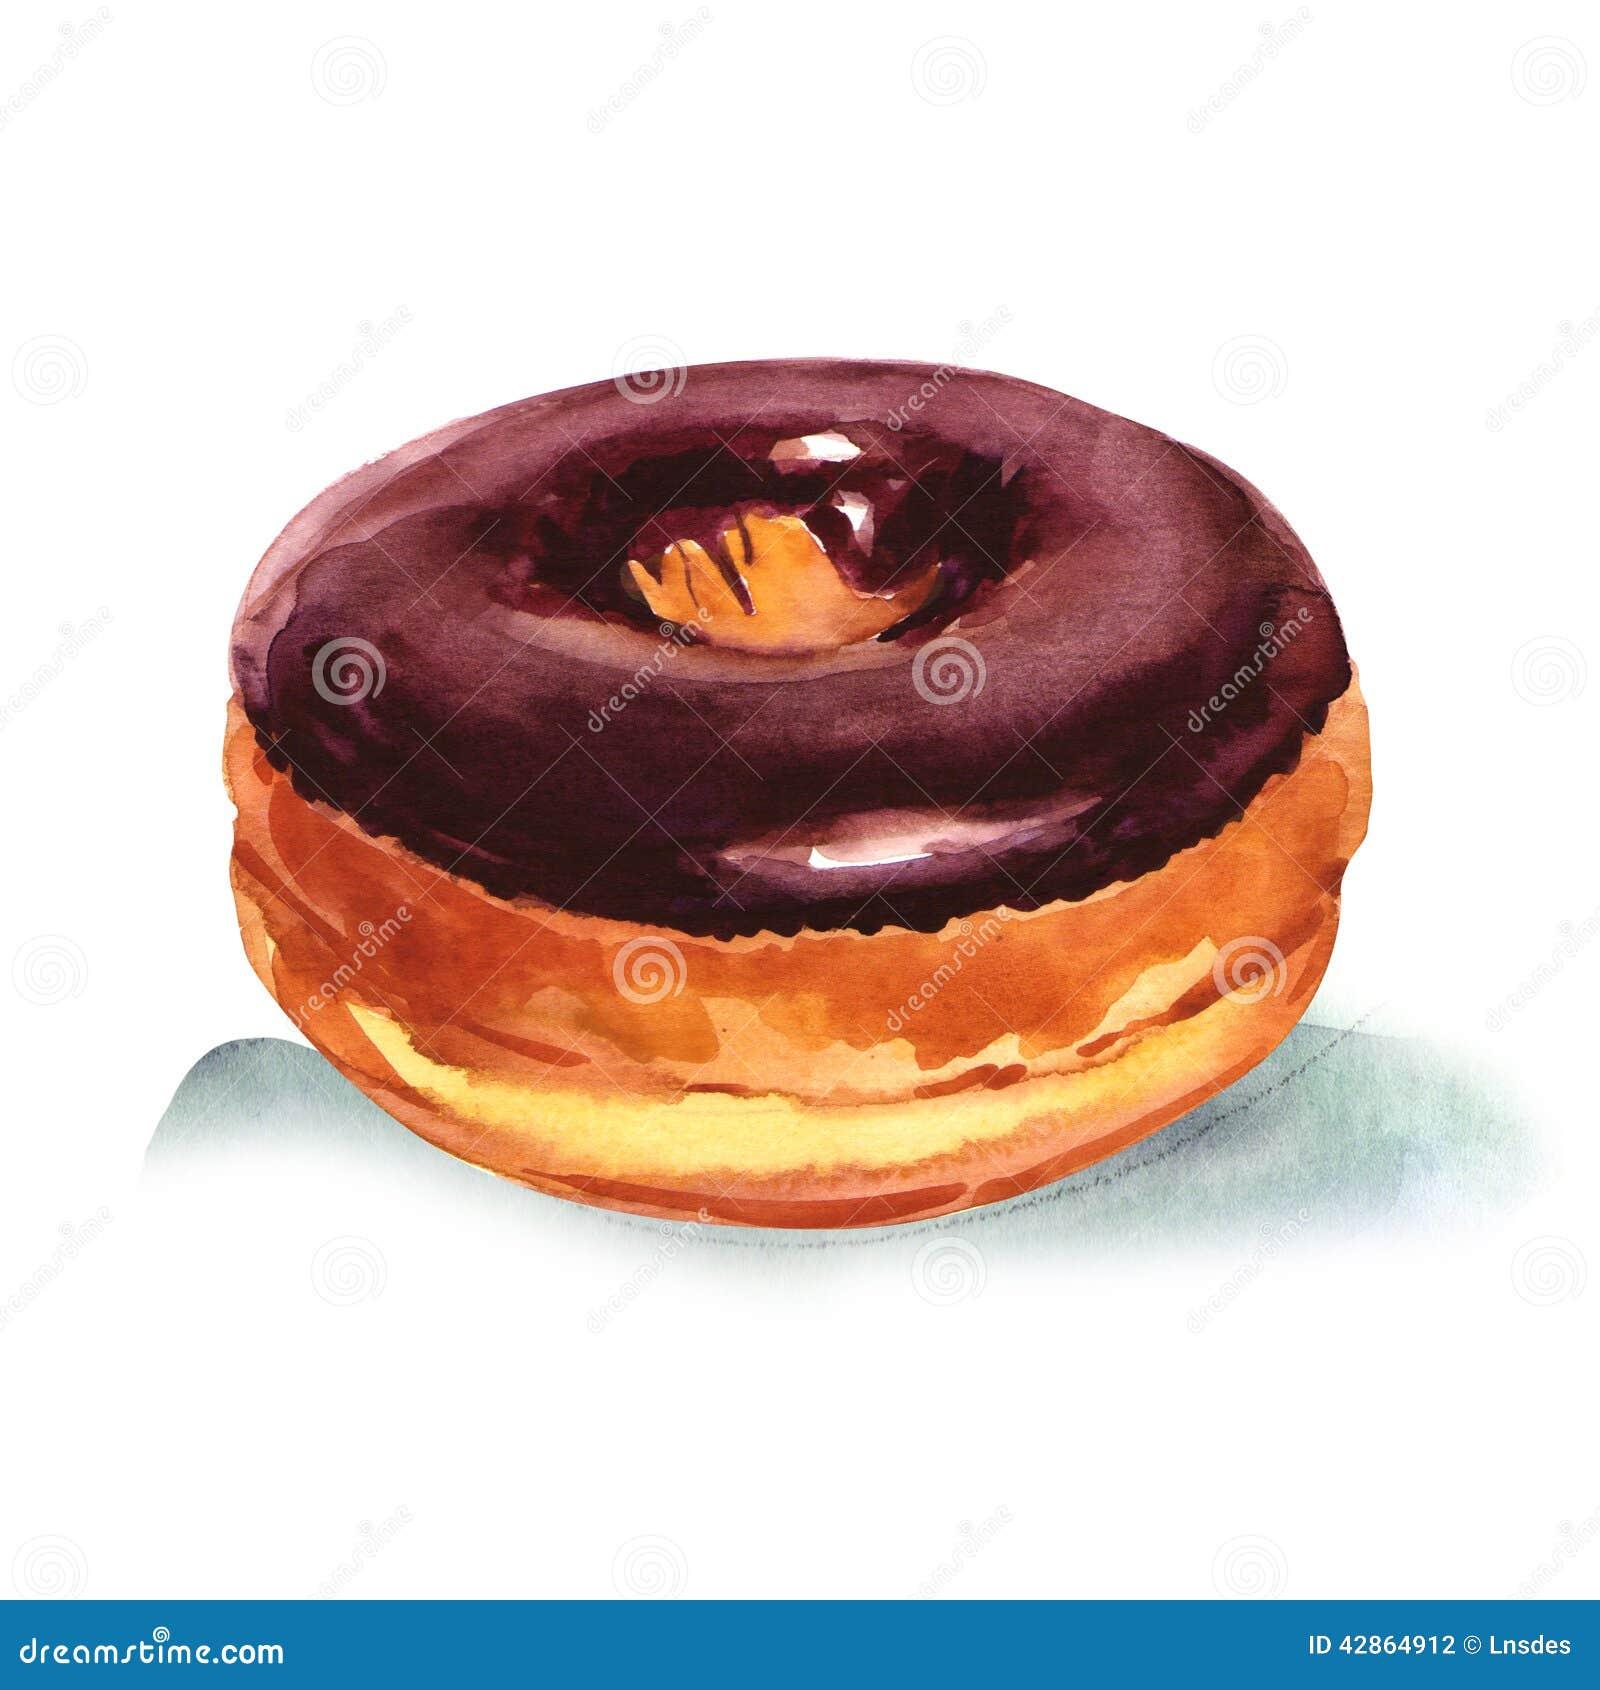 homemade donut stock illustration image 42864912 doughnut clipart png doughnut clip art free